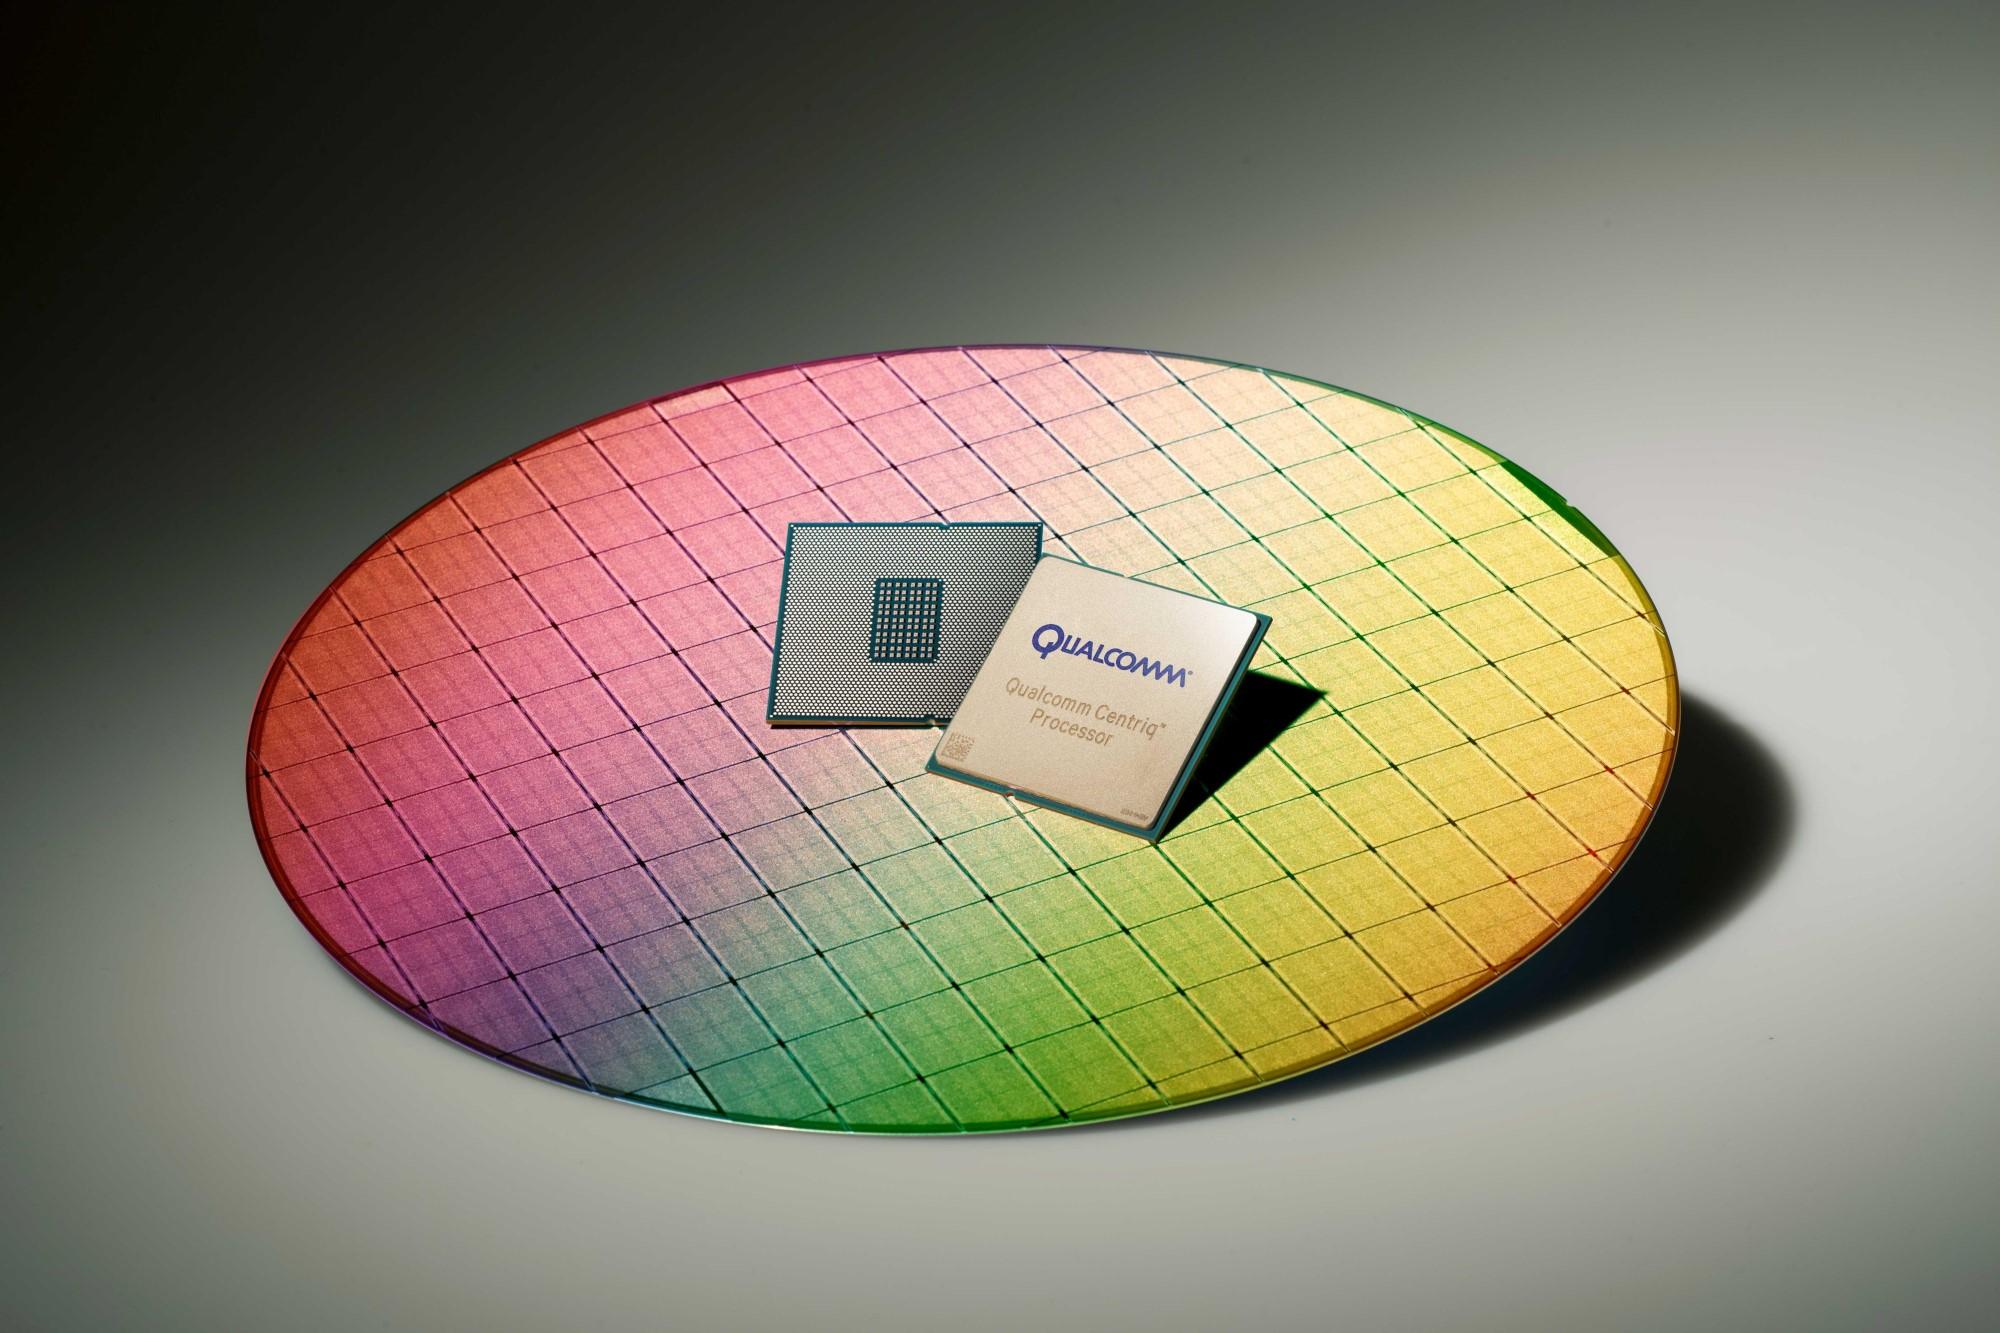 Qualcomm's Centriq 2400 chip.